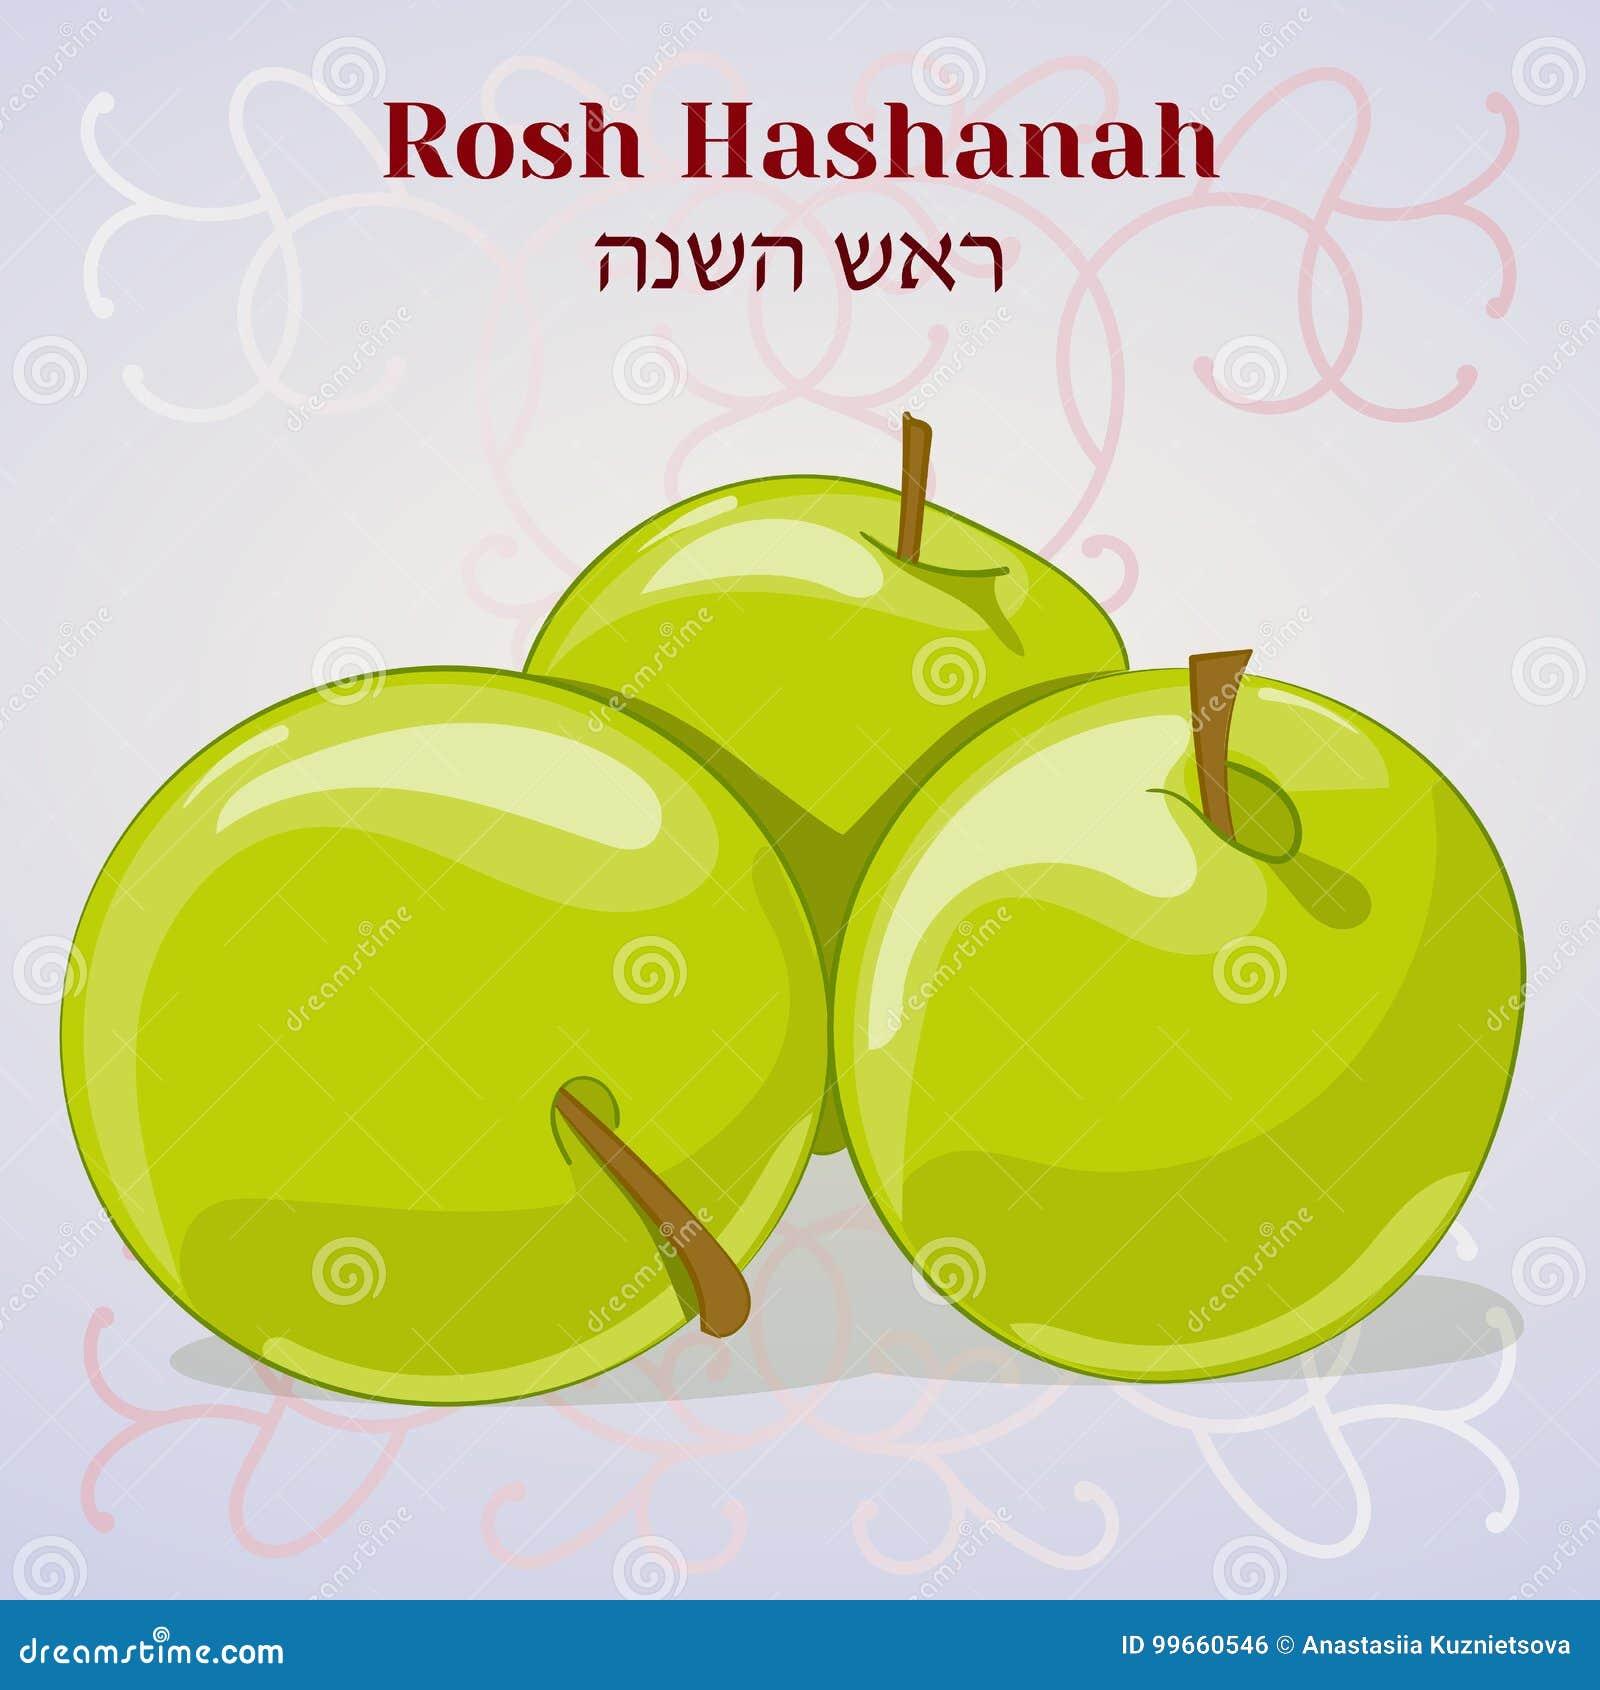 Rosh Hashanah Cartão Judaico Do Ano Novo Com As Maçãs No Estilo Dos  Desenhos Animados Ilustração do Vetor - Ilustração de pomegranate, fundo:  99660546